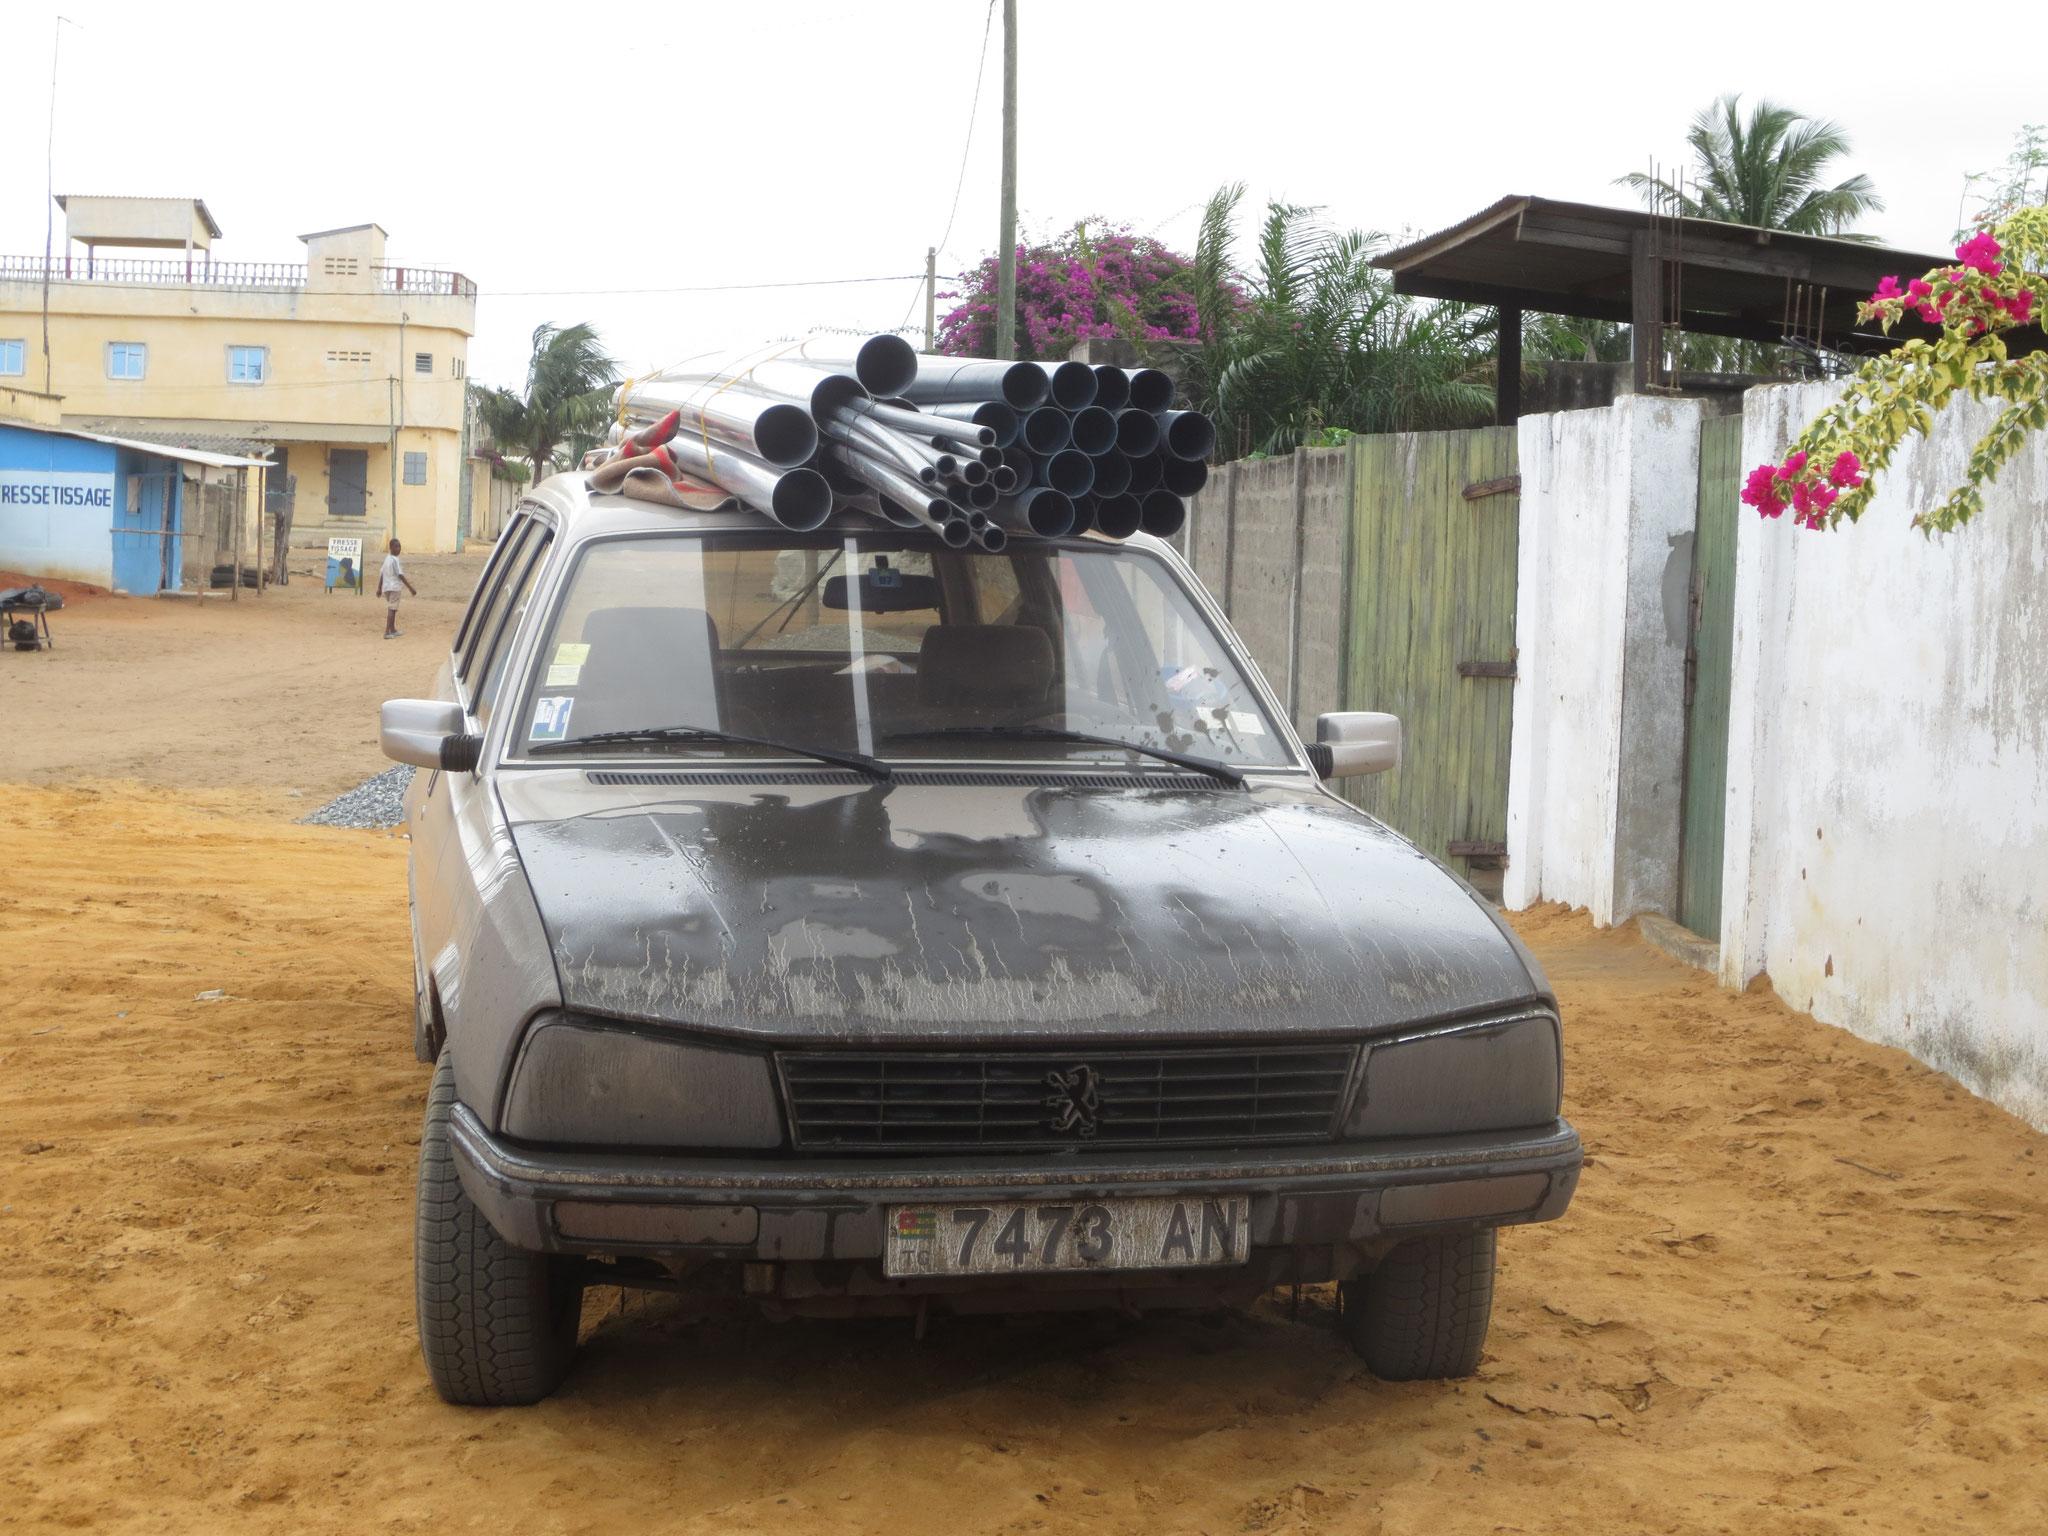 5. 17.09.2014 Unser aus der Schweiz importierter Peugeot diente uns als Lastesel. Weil wir das Auto überladen hatten flüchteten wir vor der Polizei durch zum Teil überflutete Pisten.